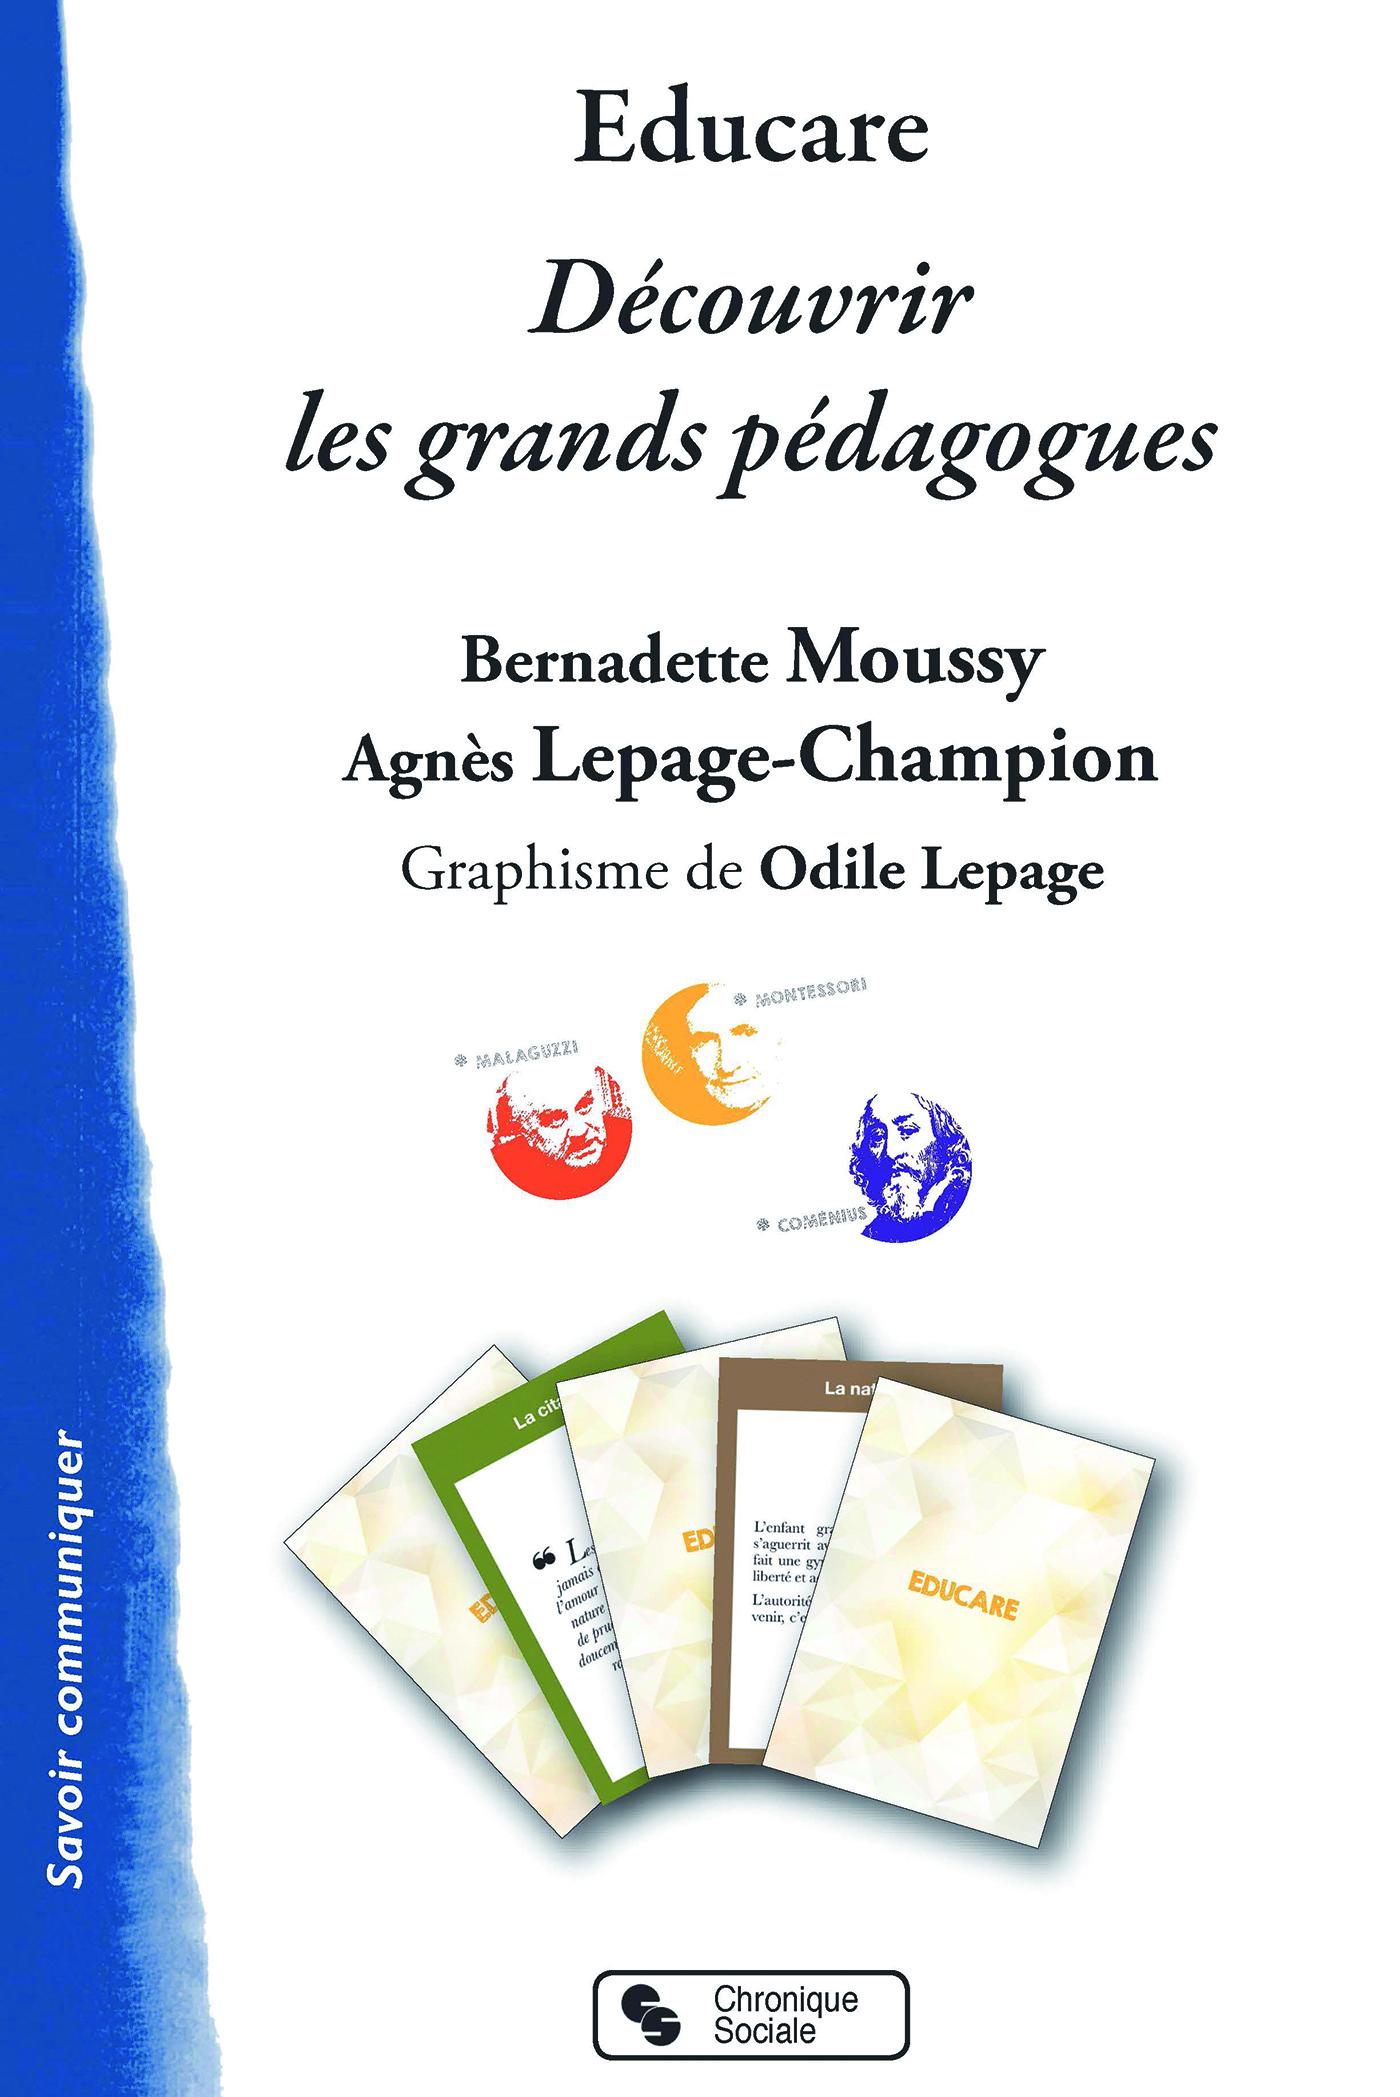 EDUCARE - DECOUVRIR LES GRANDS PEDAGOGUES